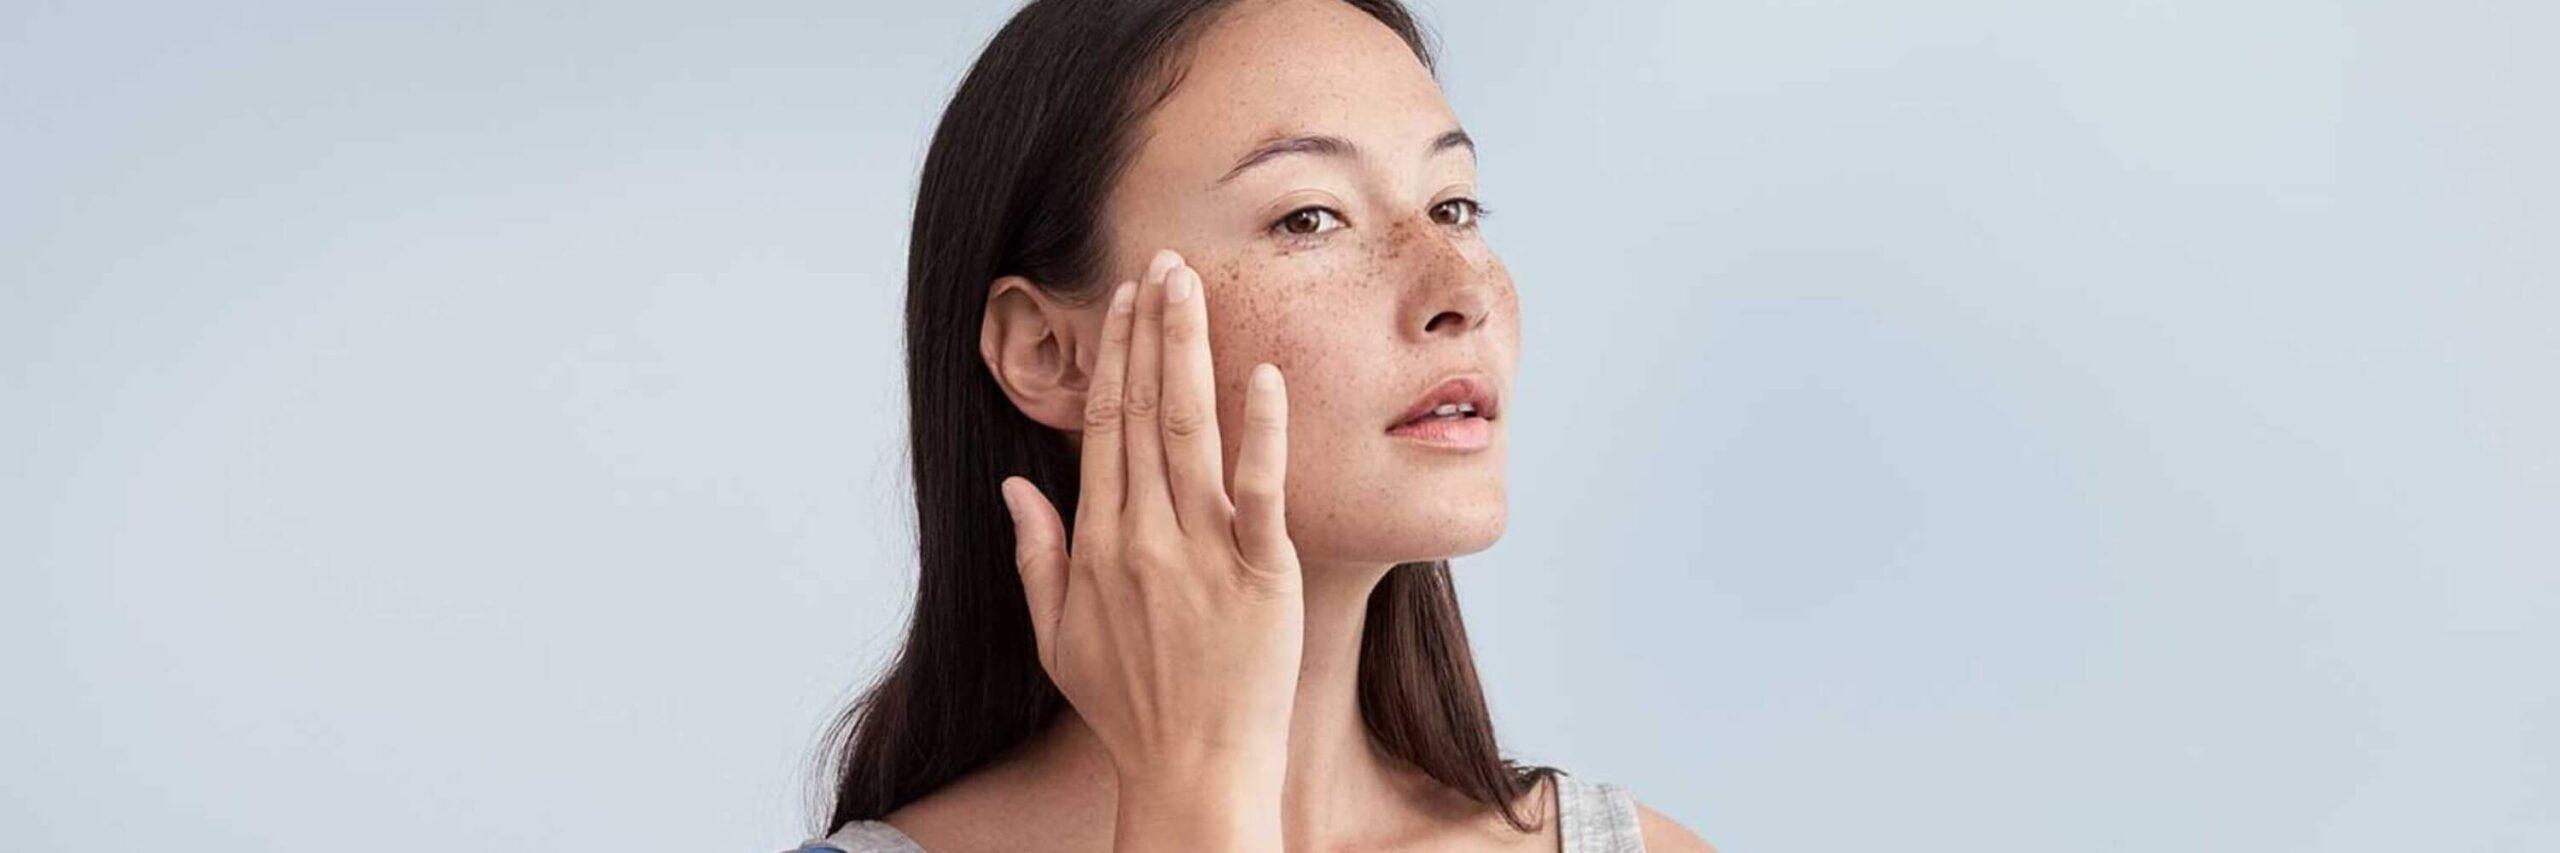 Prebiotica: een must voor de gevoelige huid!